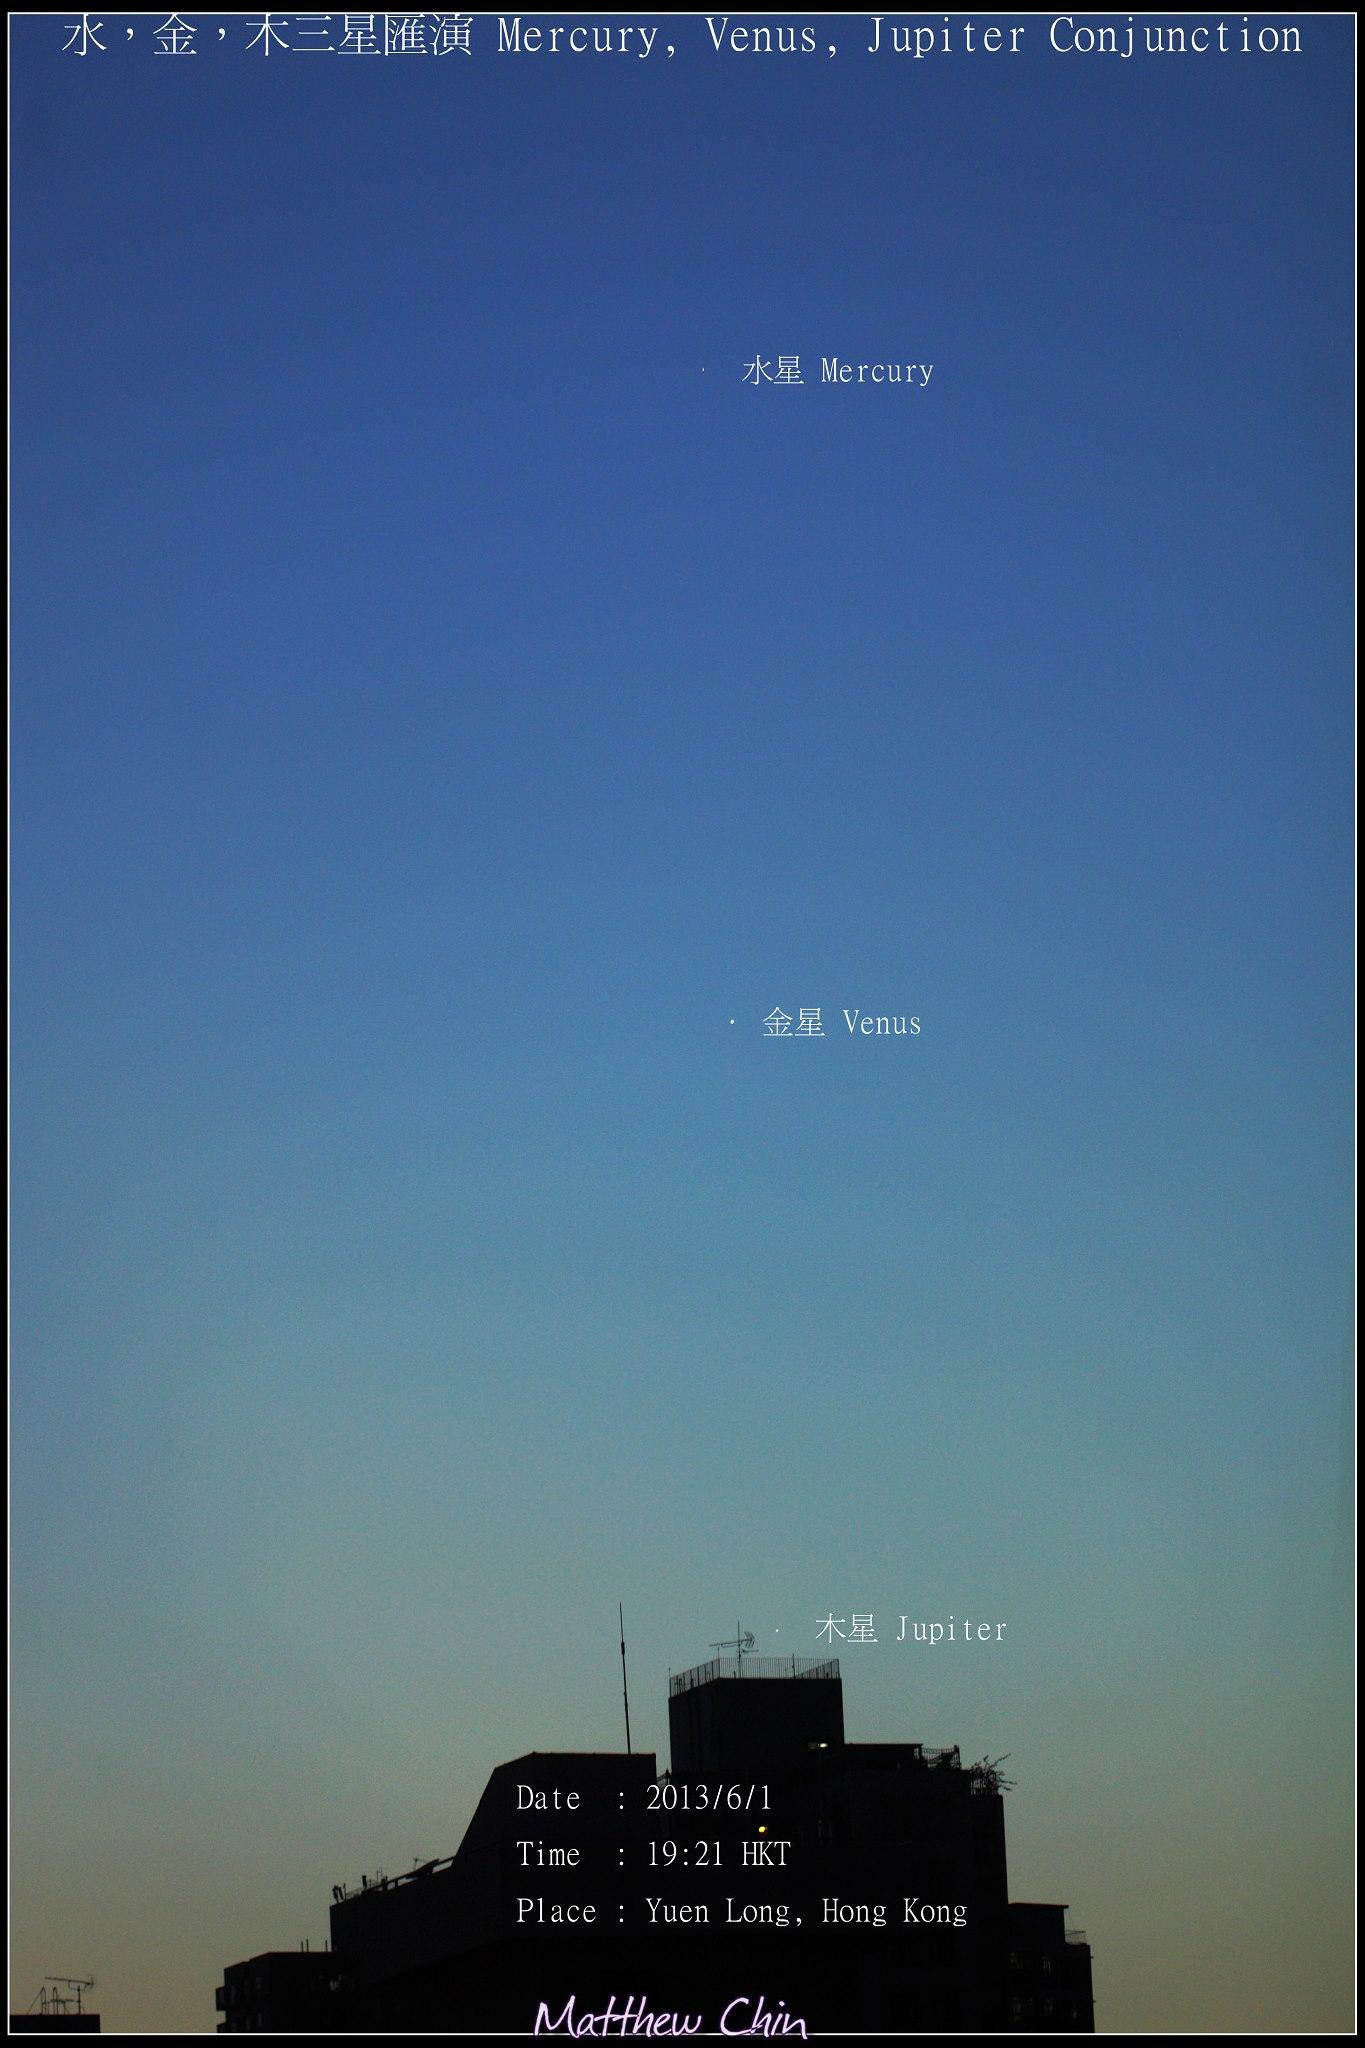 September 2013 guide to the five visible planets Mercury-venus-jupiter-Matthew-Chin-6-1-2013-Hong-Kong